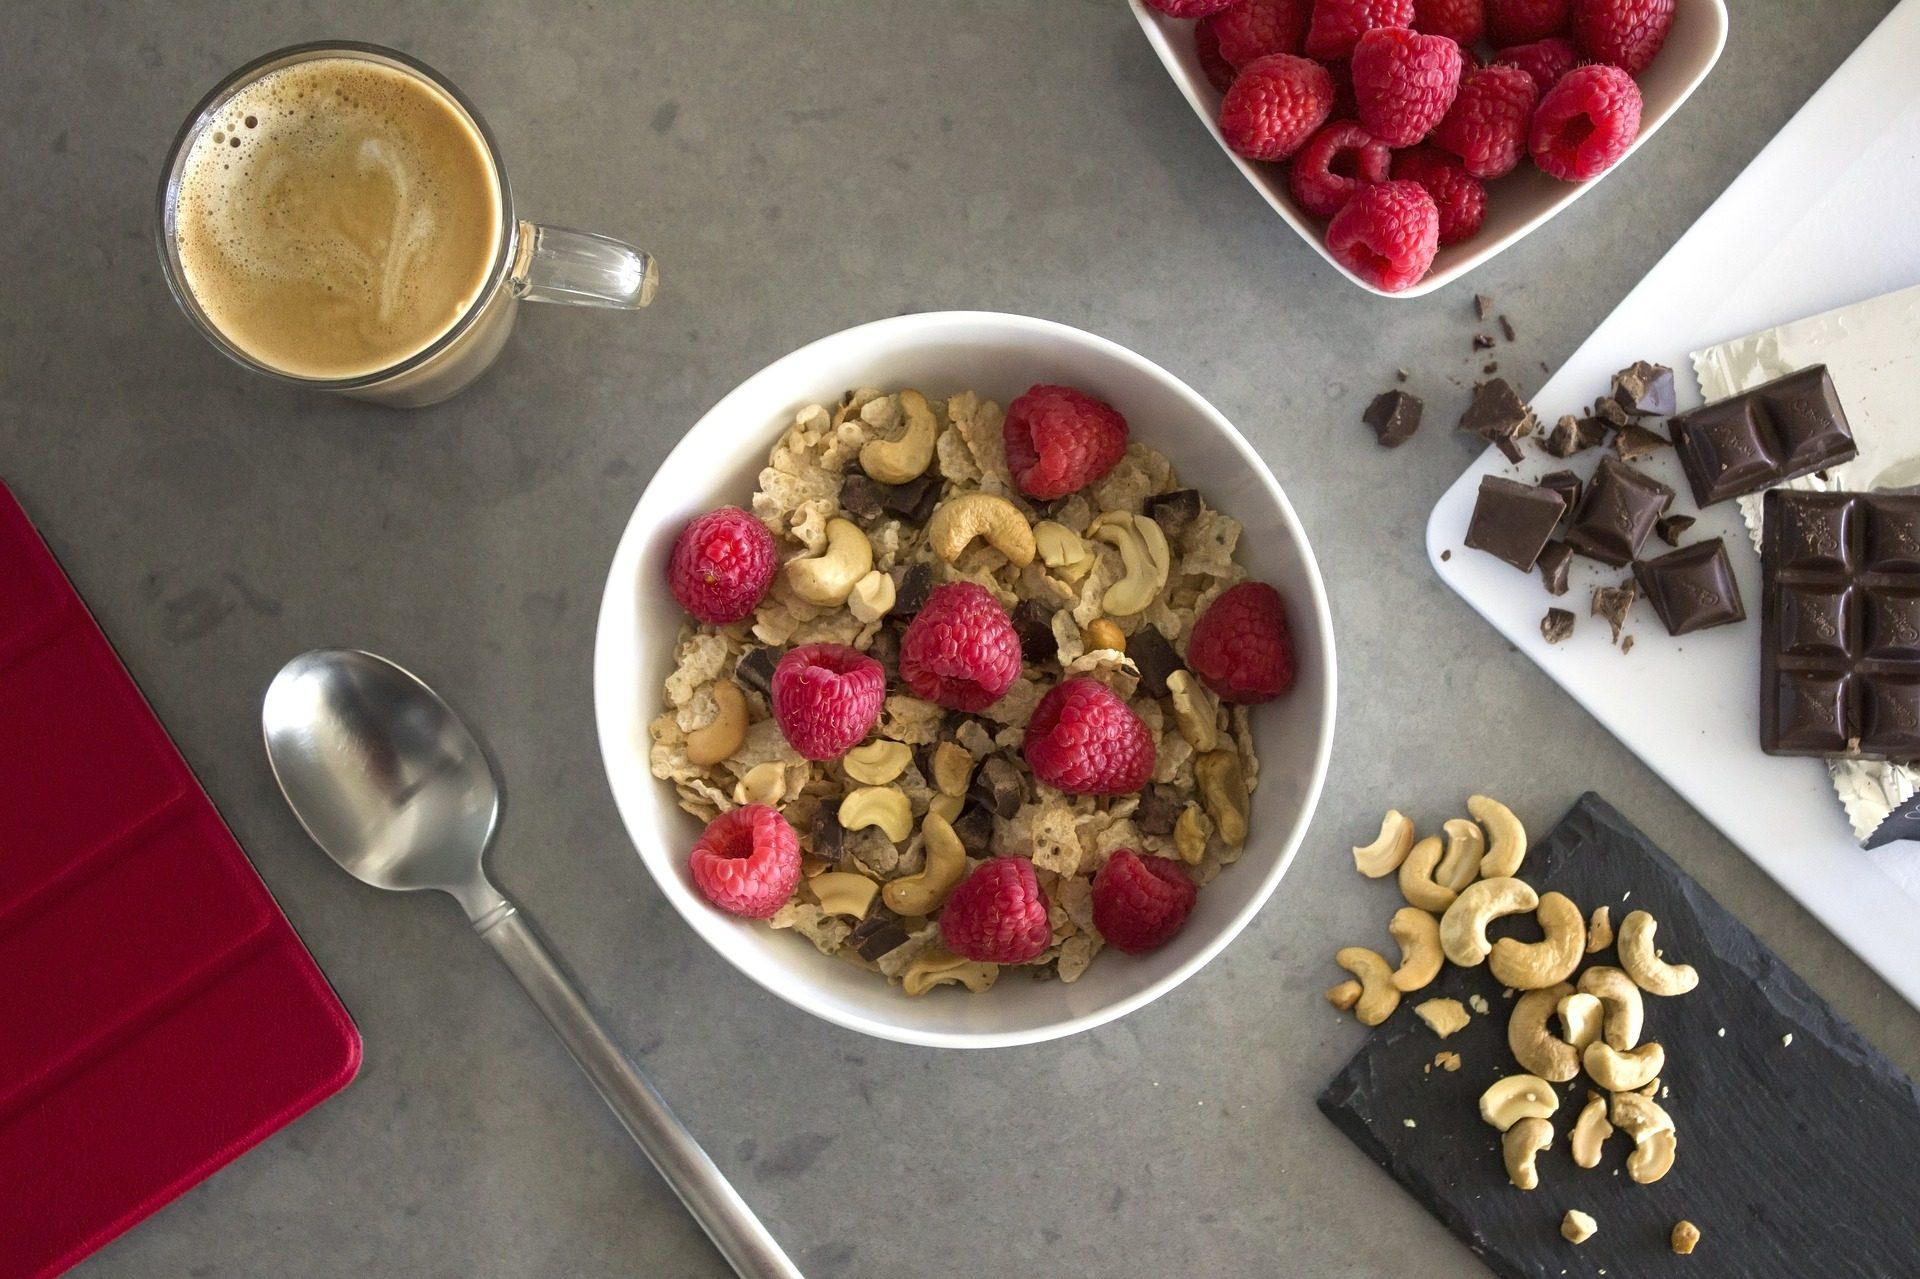 अनाज, anacardos, जामुन, चॉकलेट, कॉफी, नाश्ता - HD वॉलपेपर - प्रोफेसर-falken.com